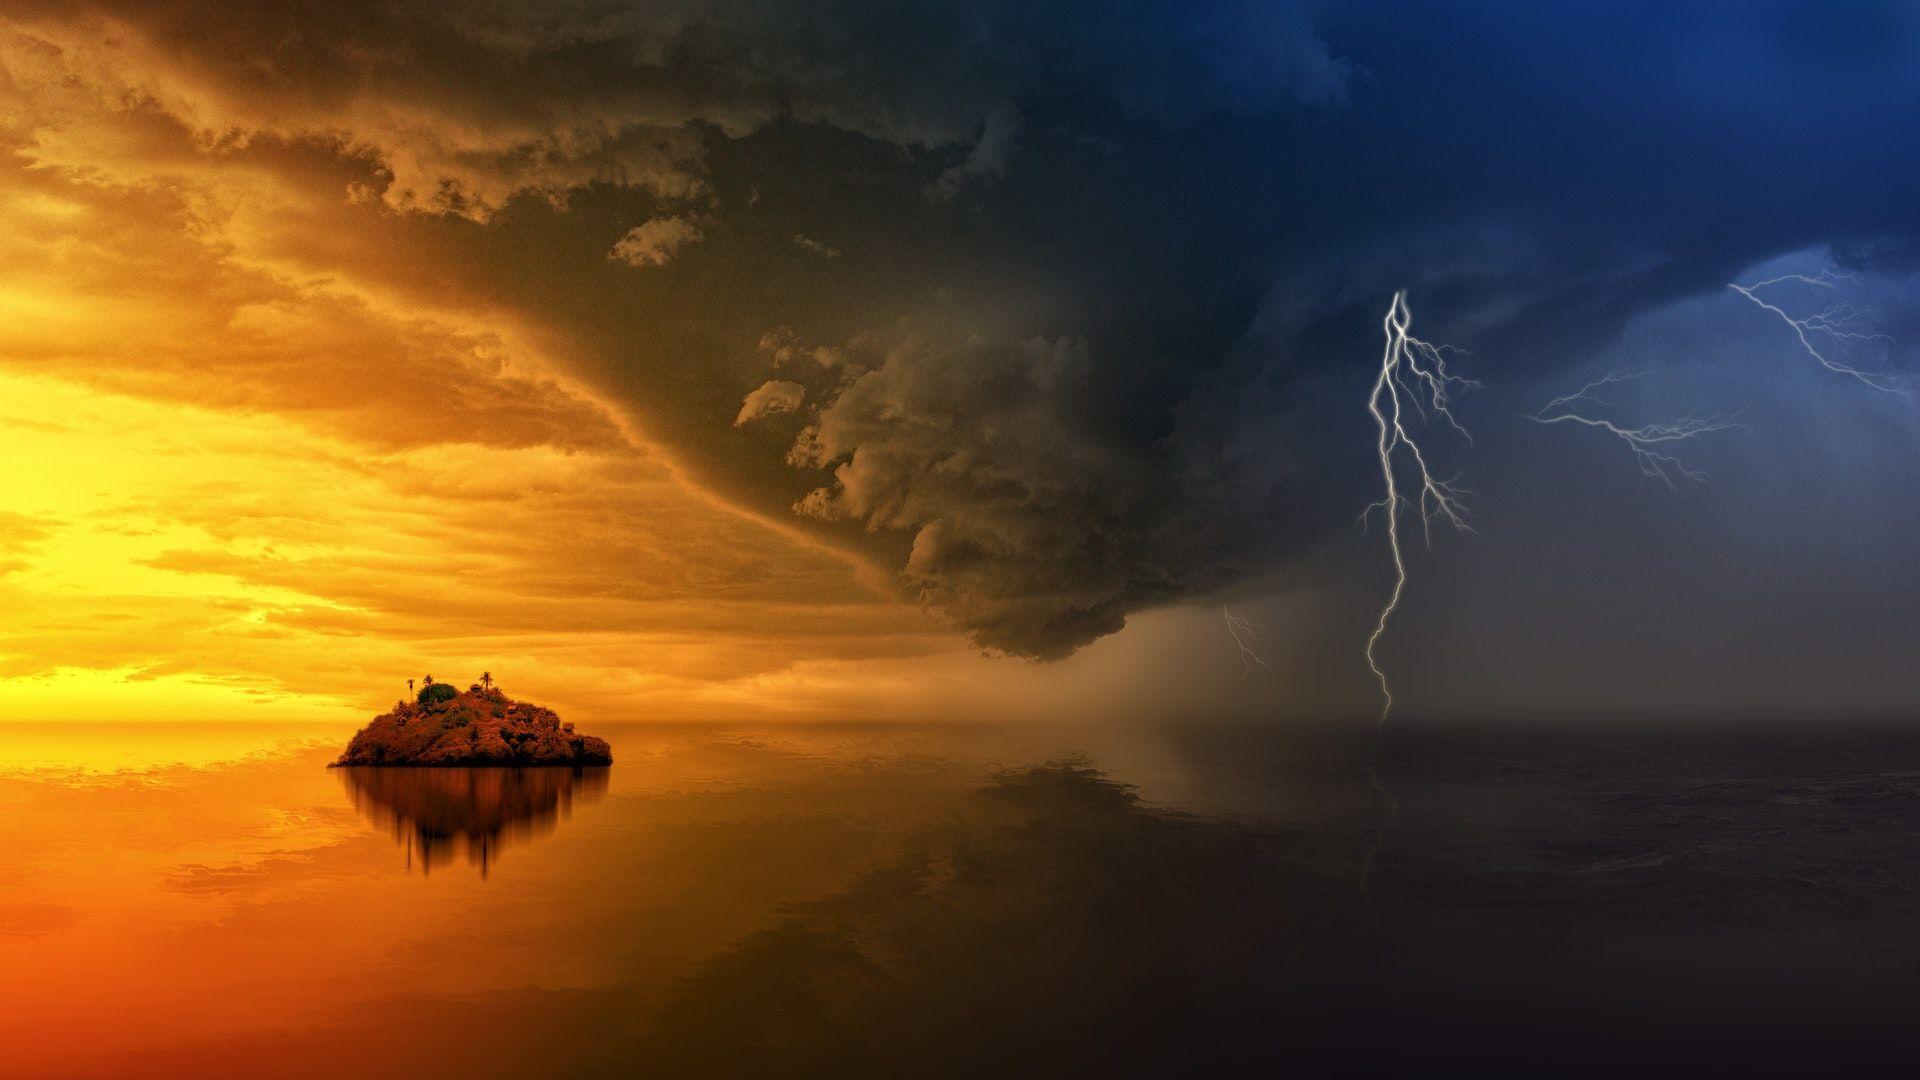 عکس زمینه جزیره طلایی و طوفان های آینده پس زمینه